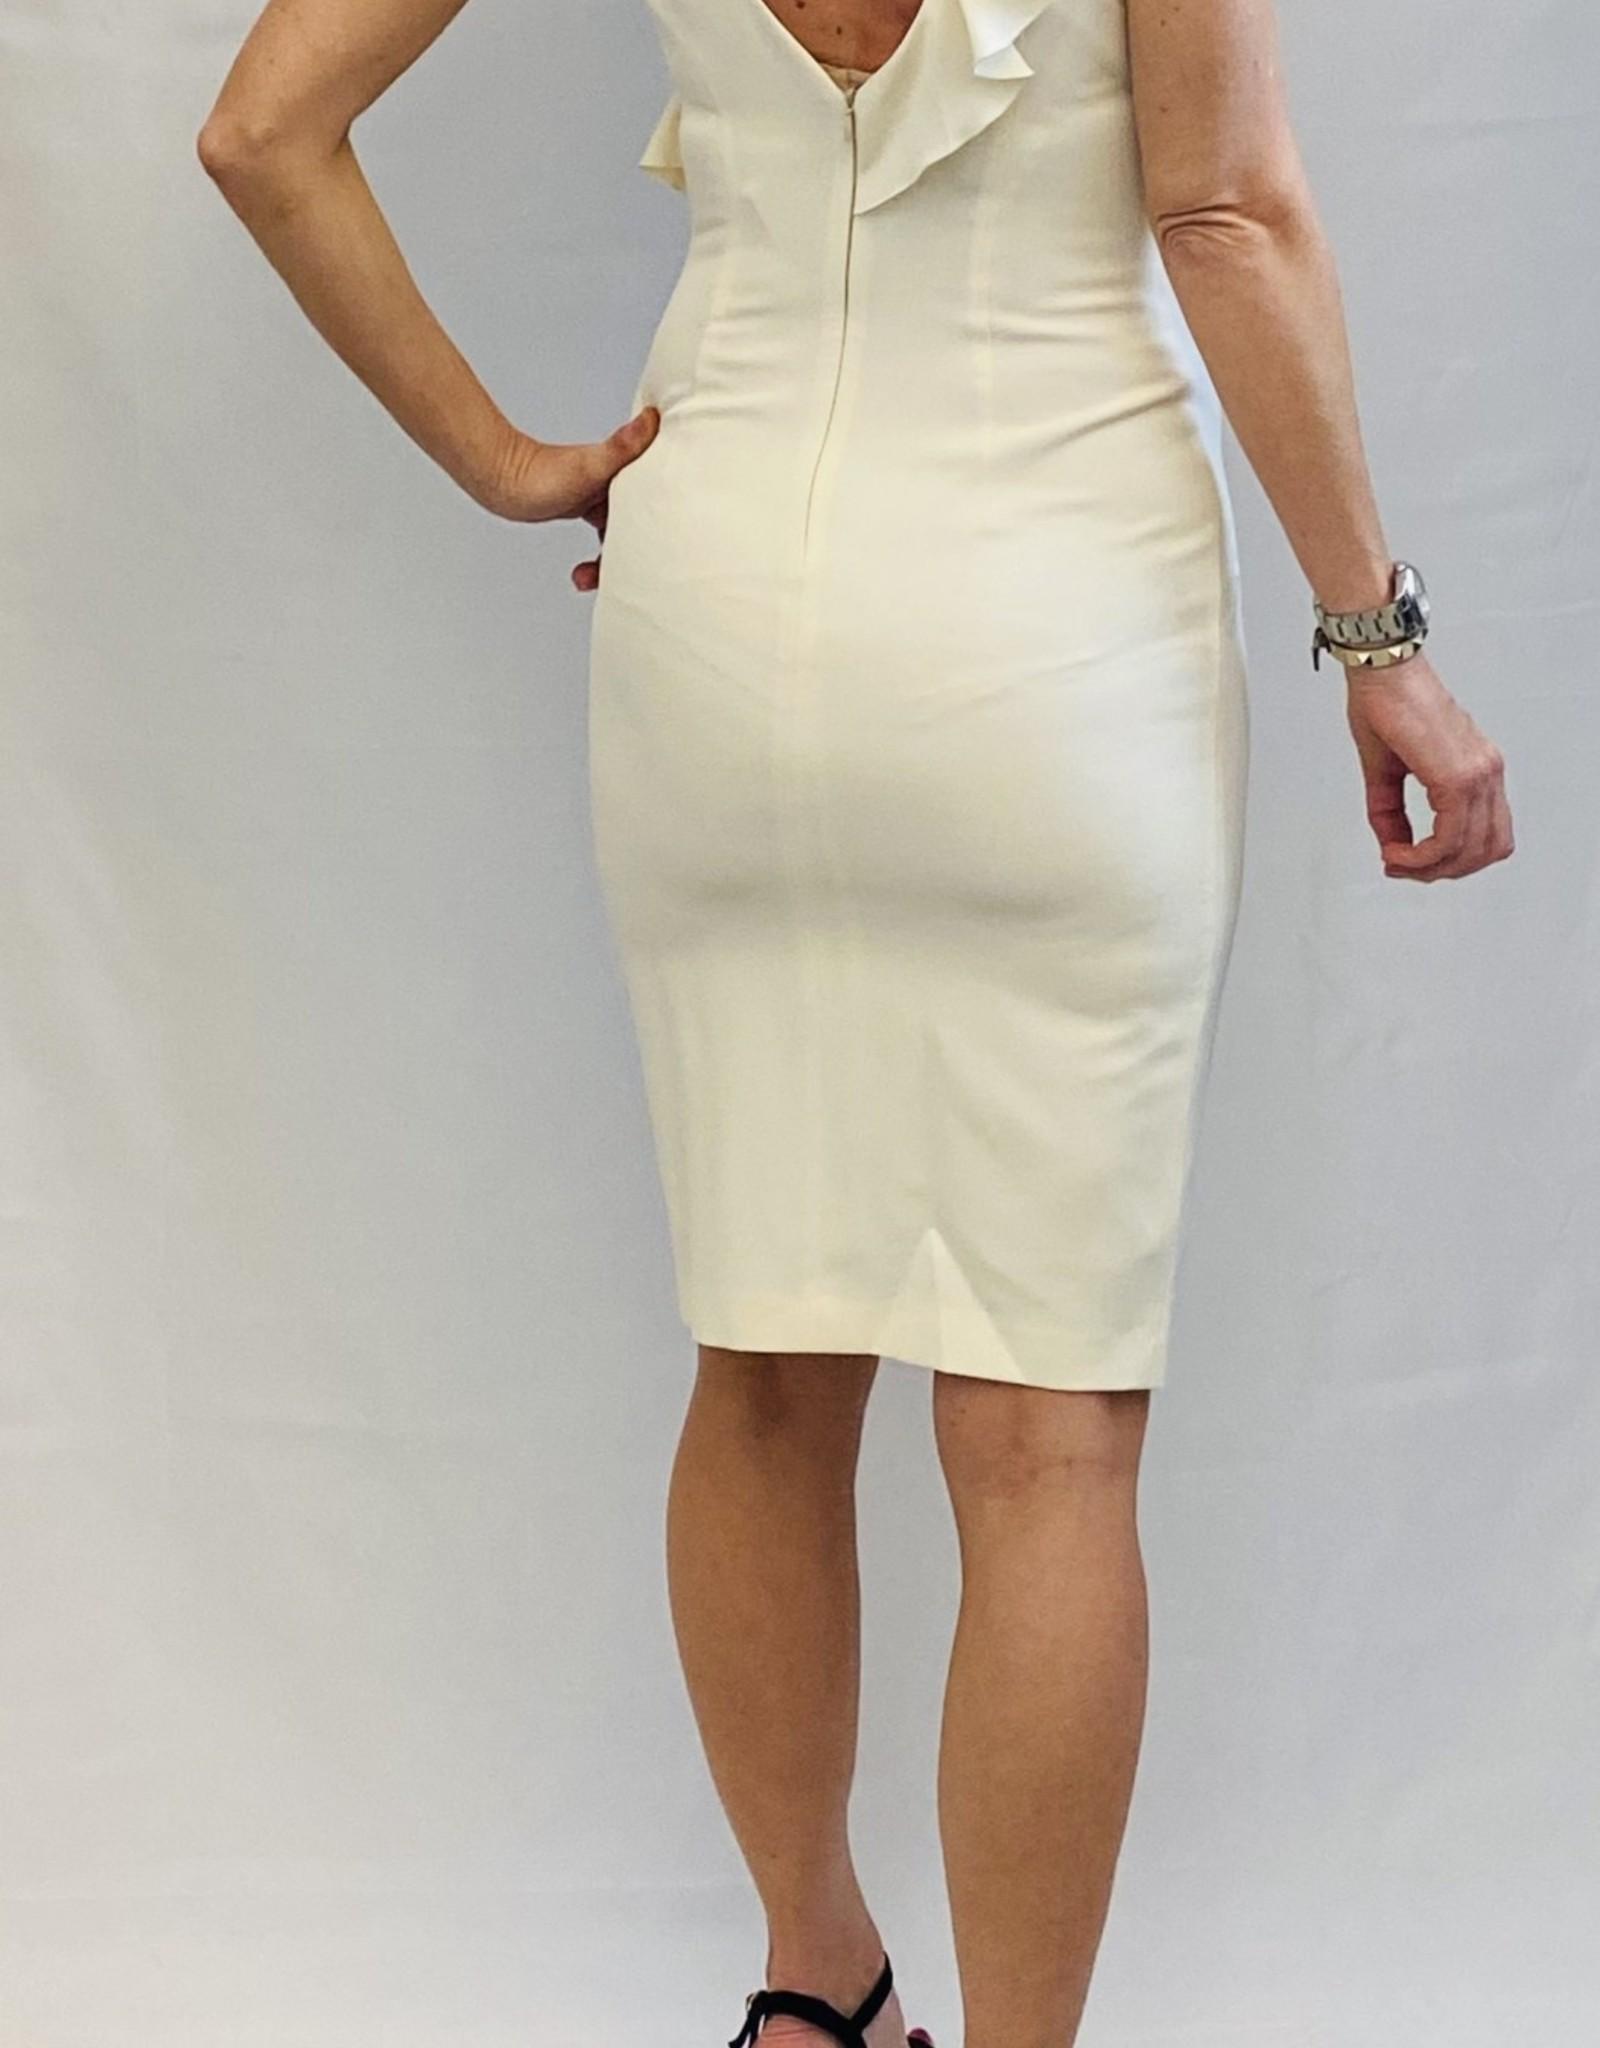 ACCESS ABBEE  PENCIL DRESS W SPLIT 3051-121 BY ACCESS